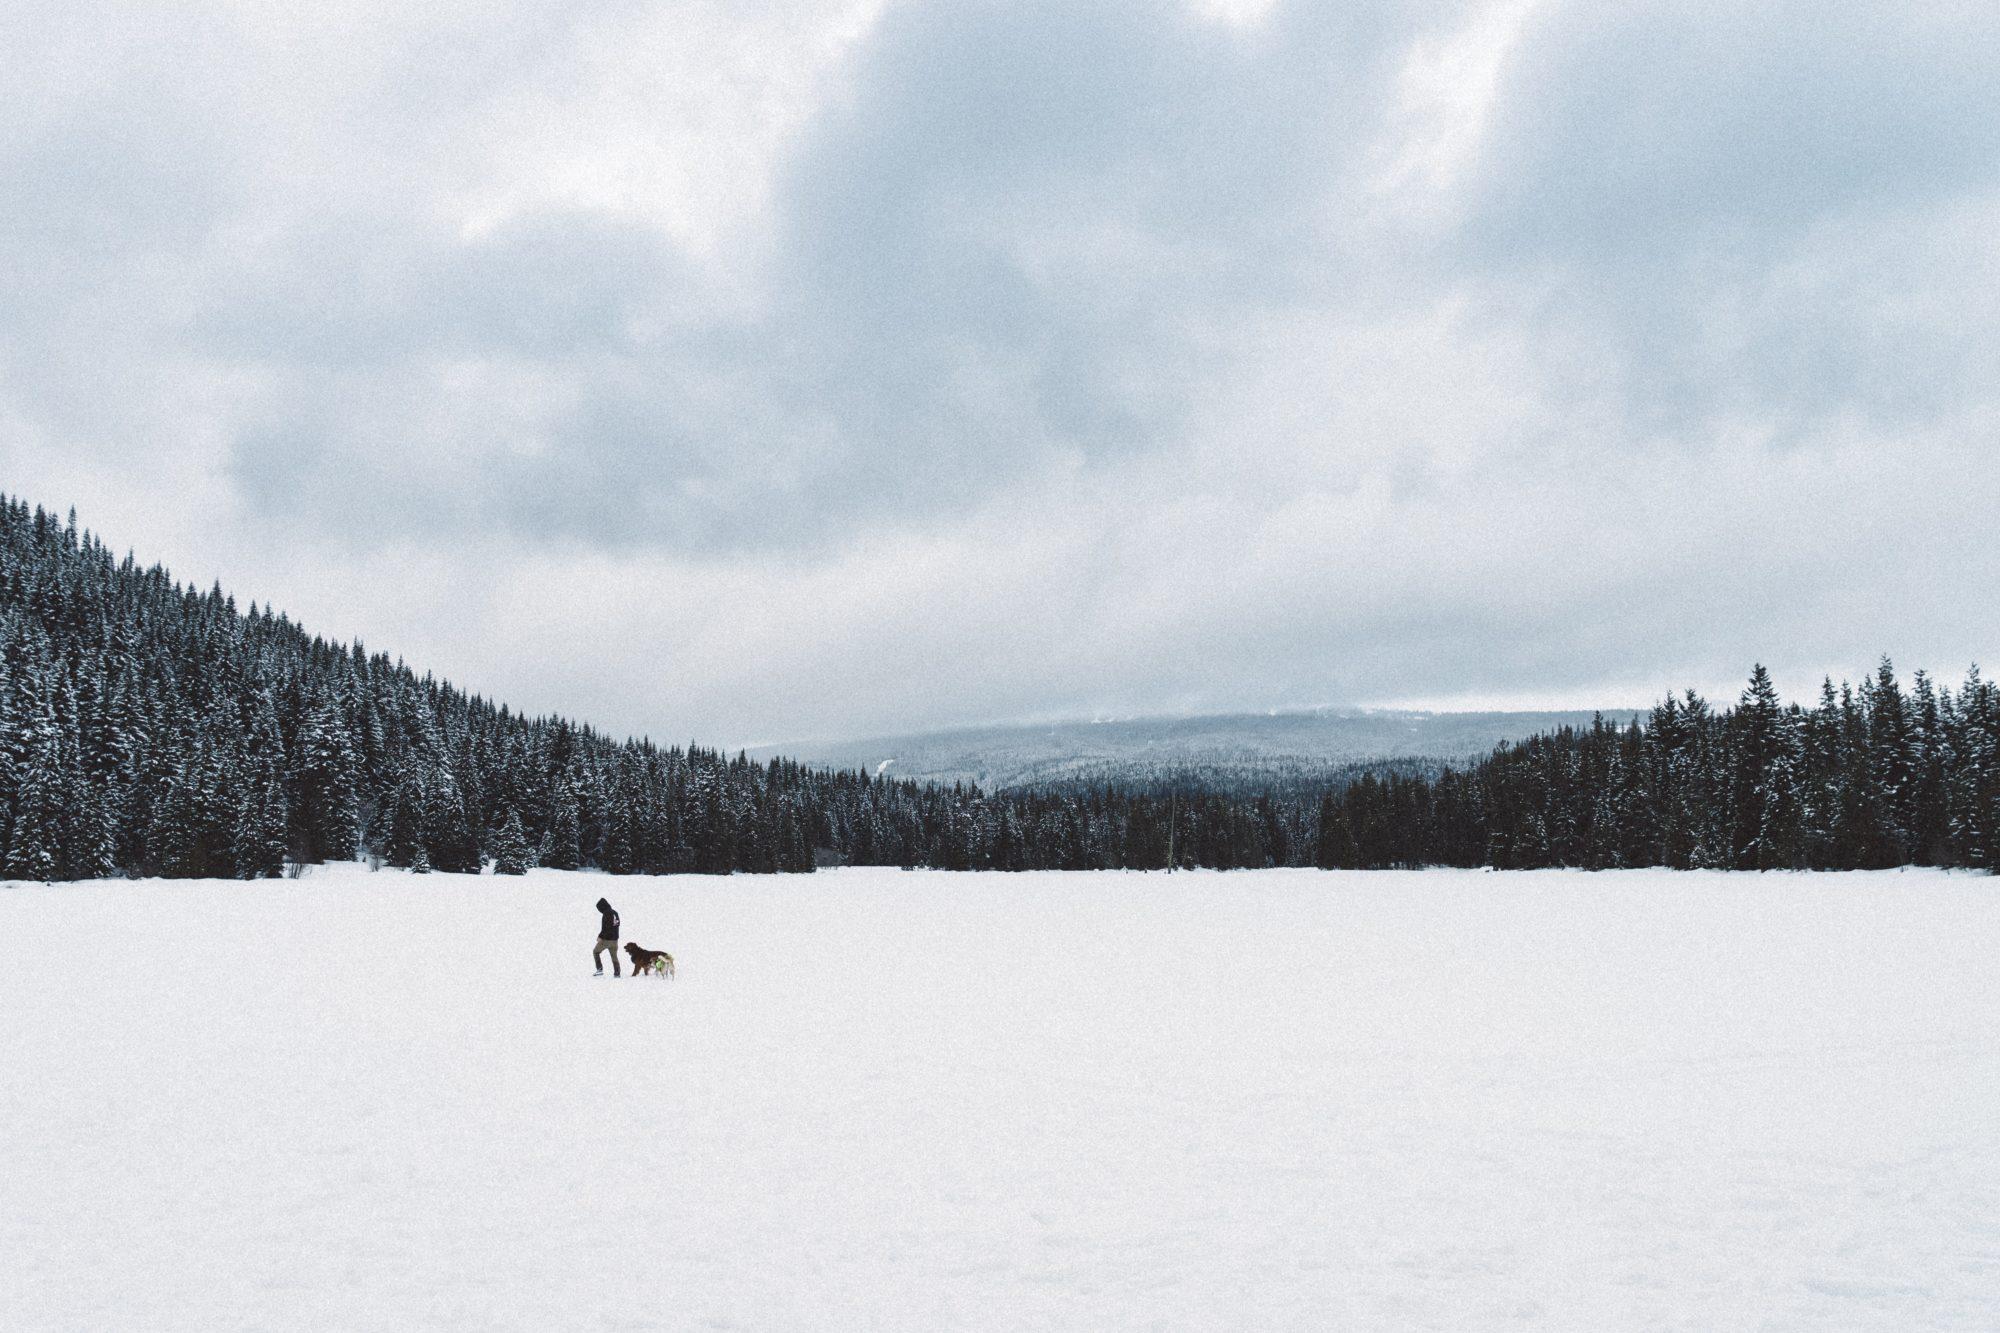 Faire un road trip au Canada avec son chien : Les formalités !